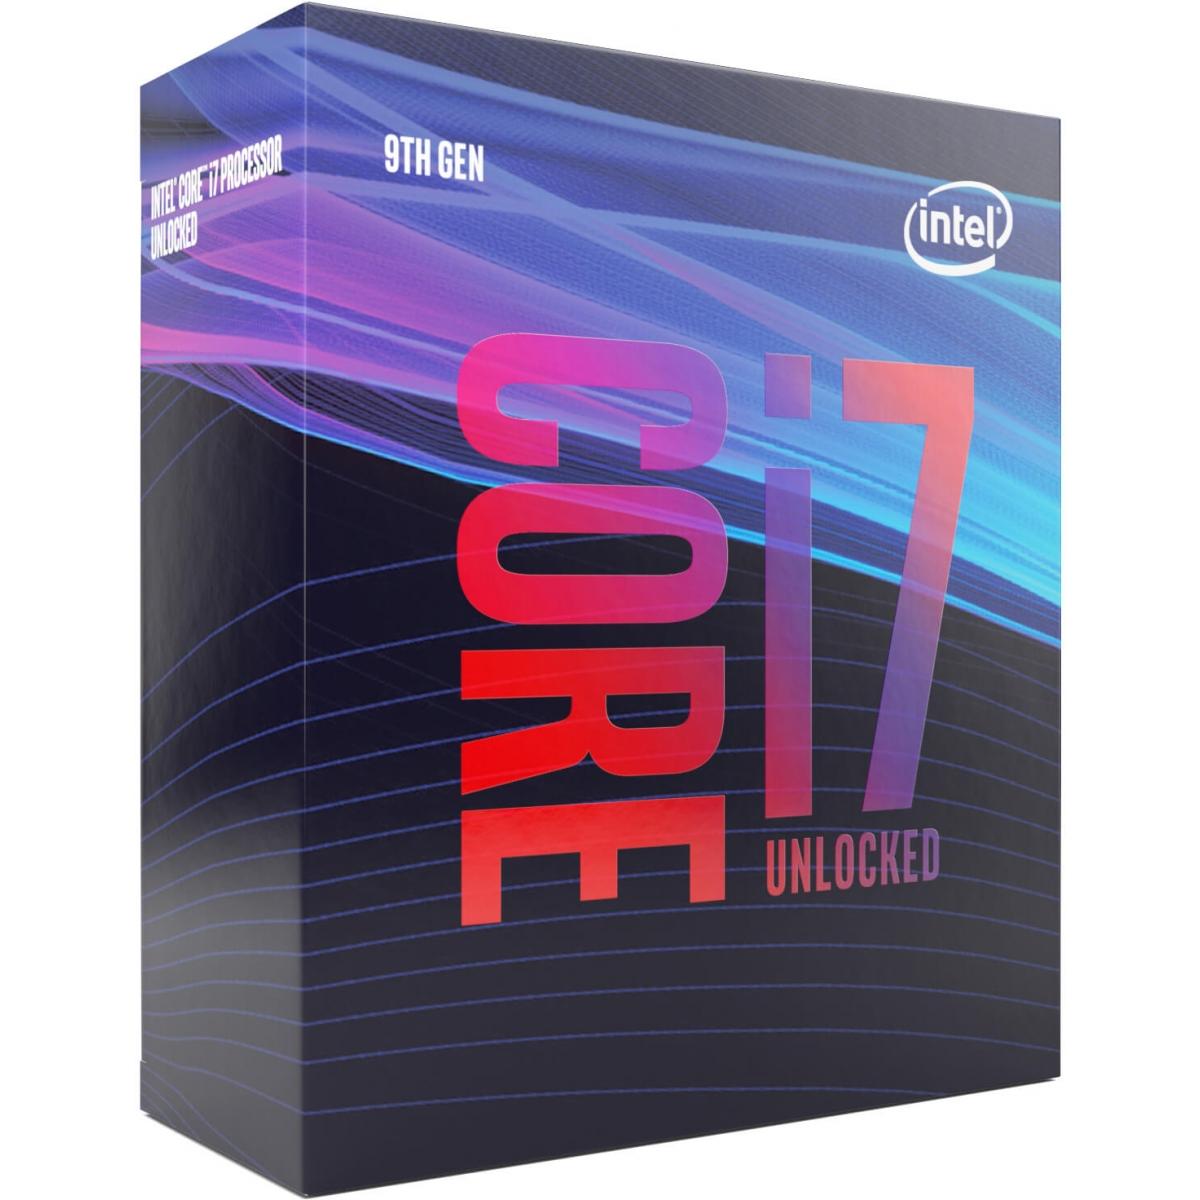 Processador Intel Core i7 9700K 3.60GHz (4.90GHz Turbo), 9ª Geração, 8-Core 8-Thread, LGA 1151, BX80684I79700K - Open Box